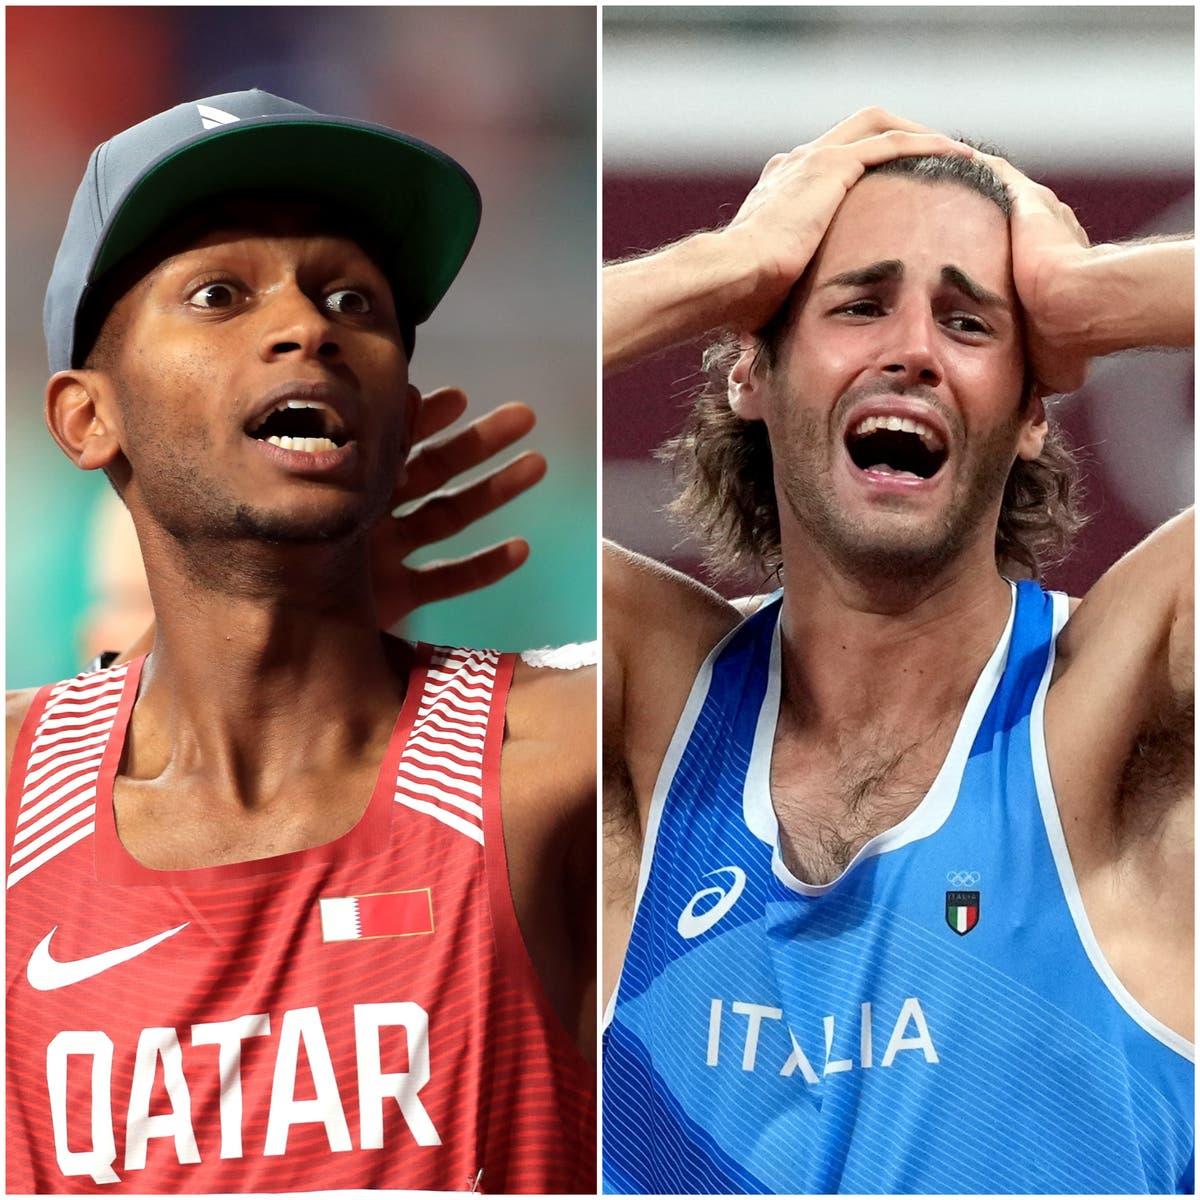 走り高跳びが歴史的な金メダルを共有するときの感情とスポーツマンシップ